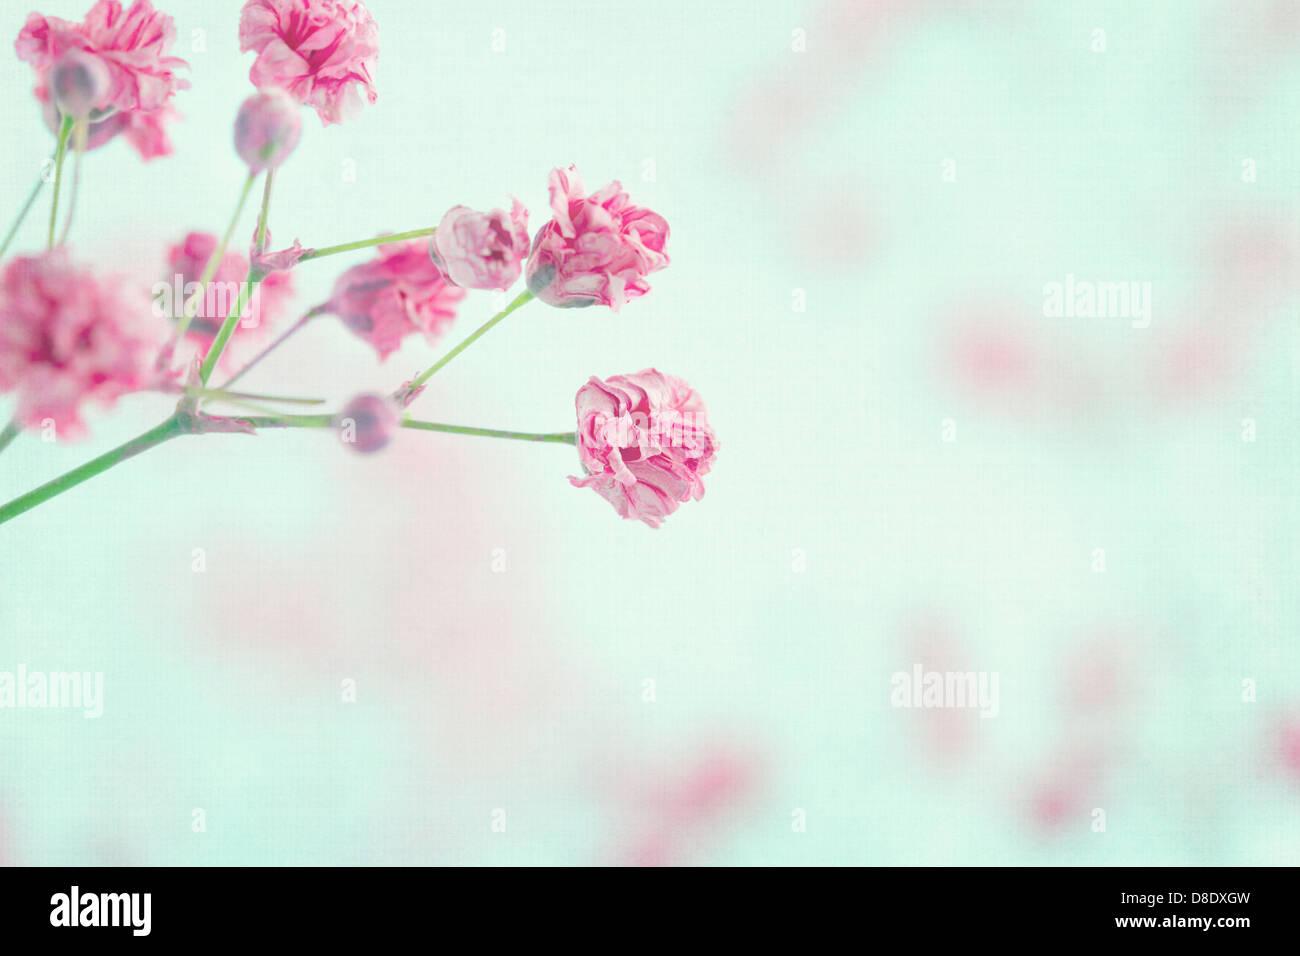 La Respiración Del Bebé Rosa Flores En Azul Pastel